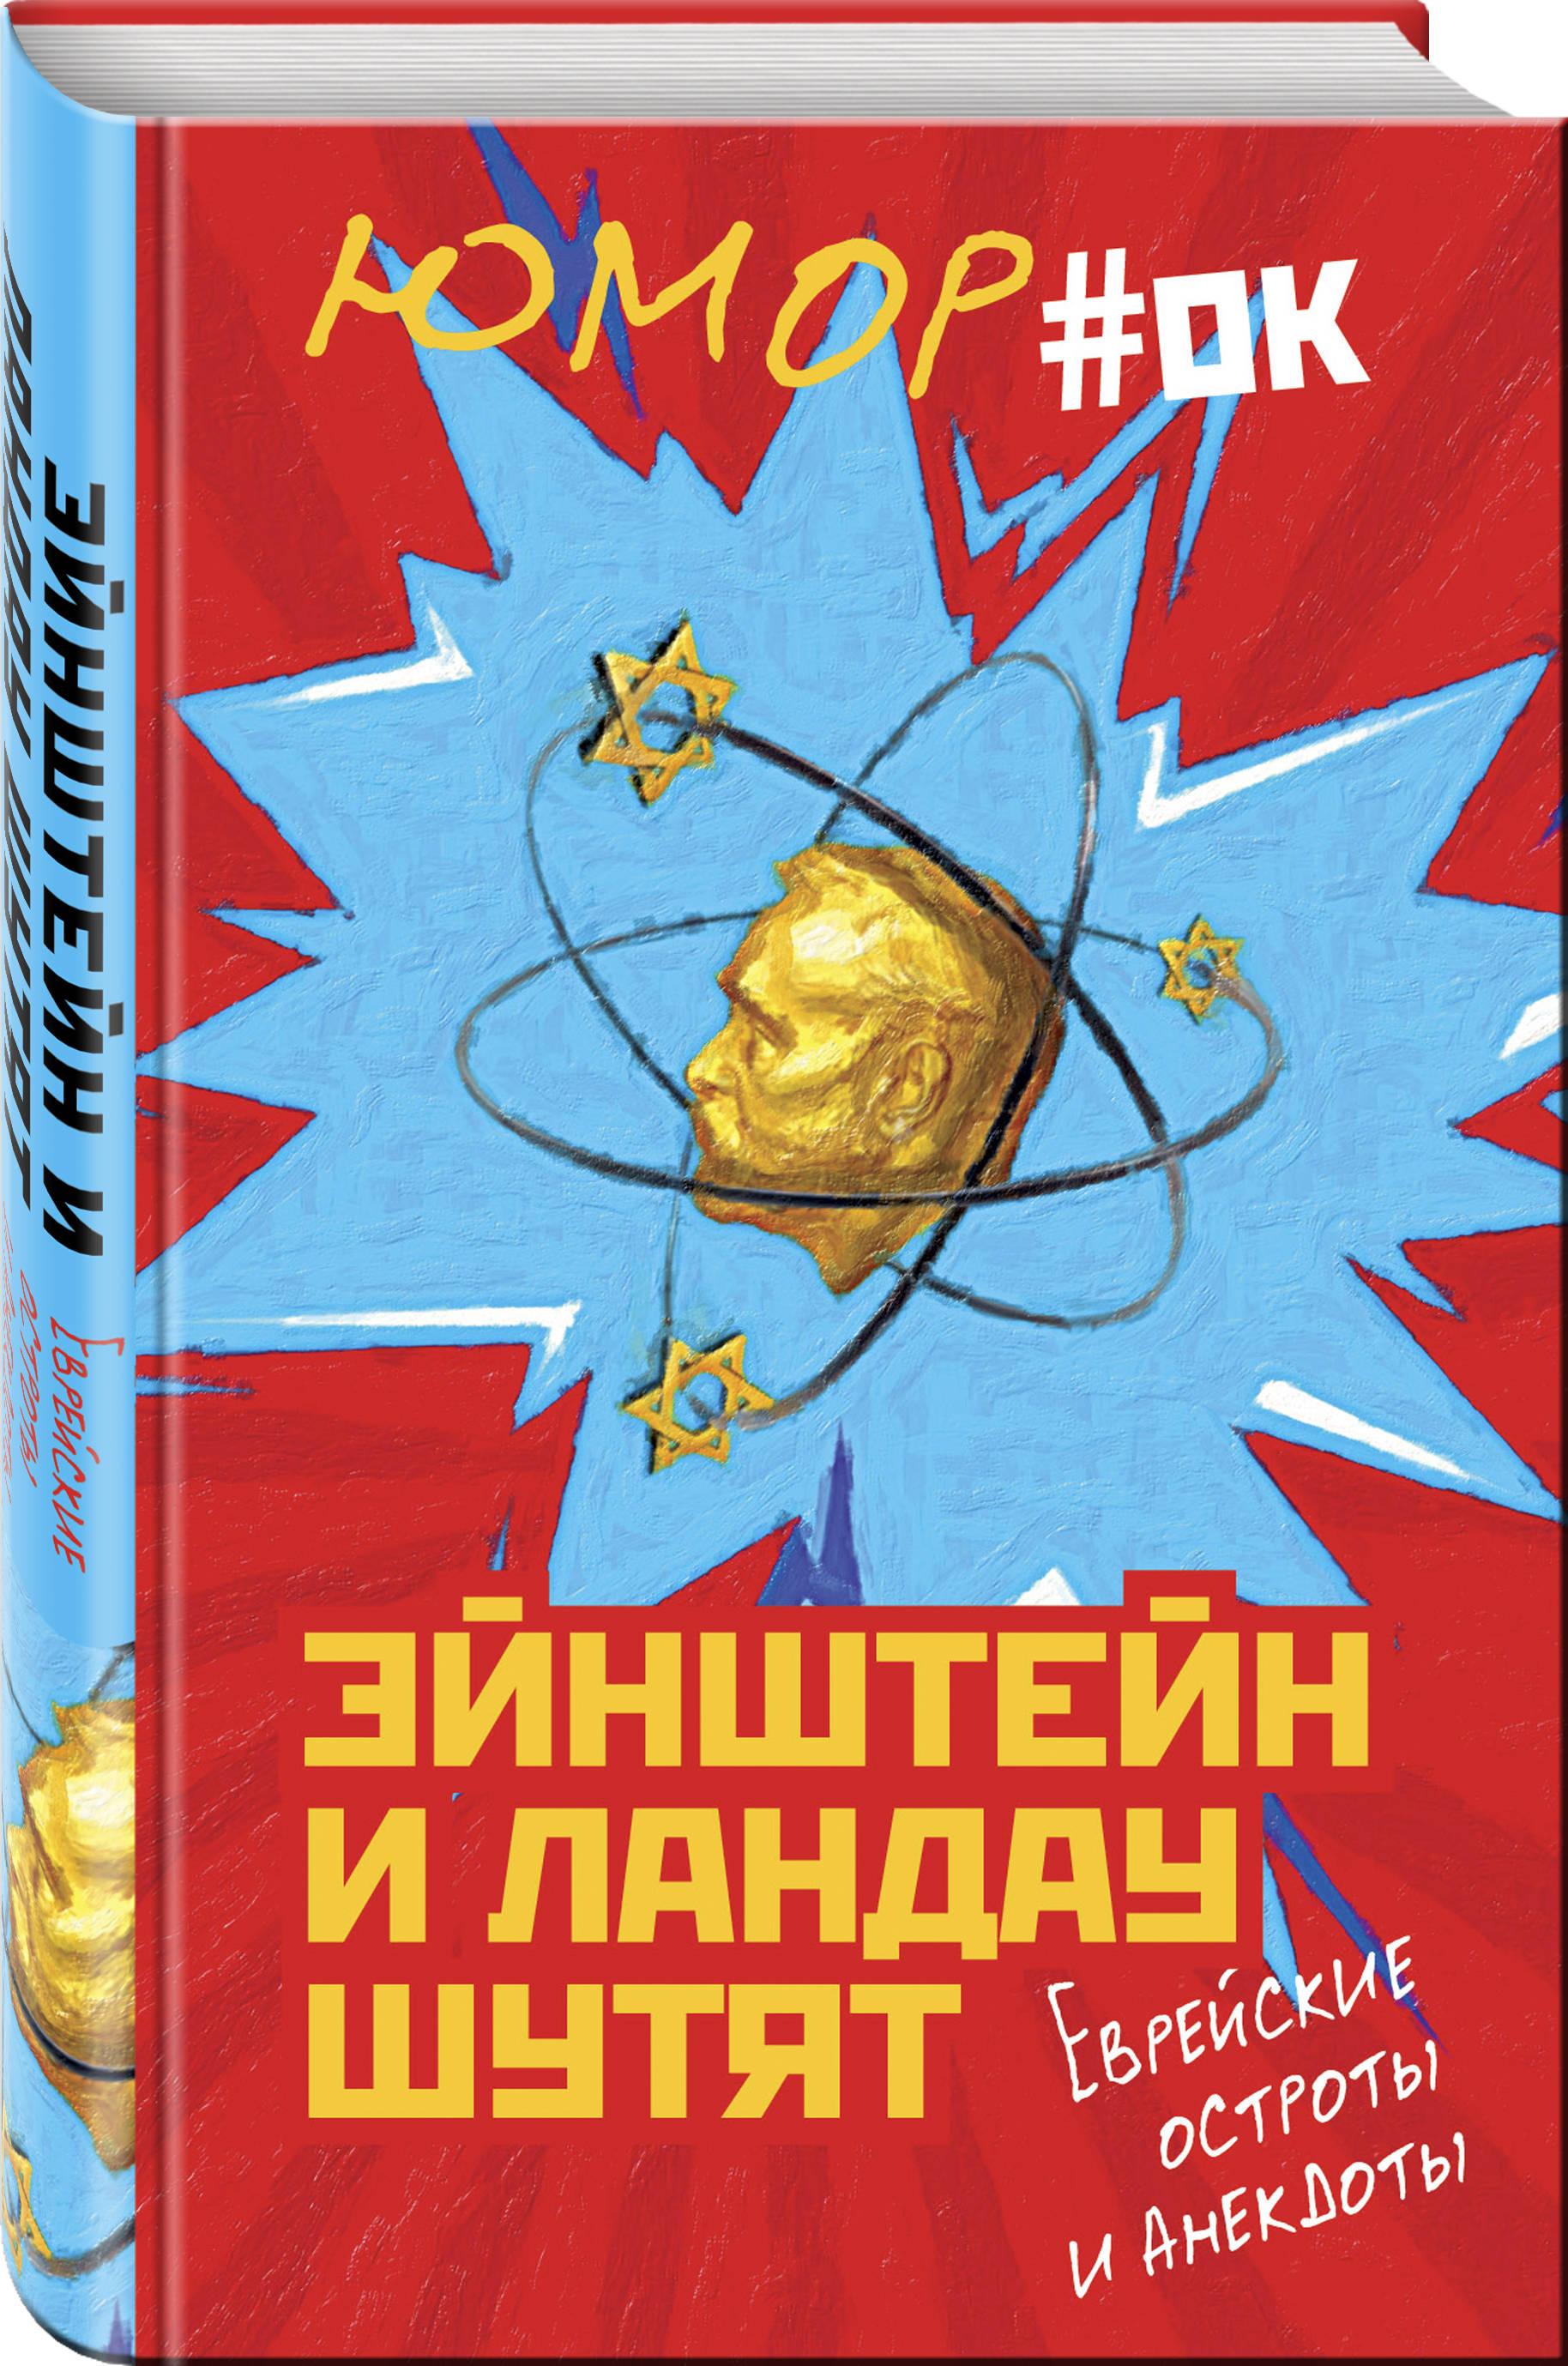 Эйнштейн и Ландау шутят. Еврейские остроты и анекдоты мигунова е ред эйнштейн и ландау шутят еврейские остроты и анекдоты